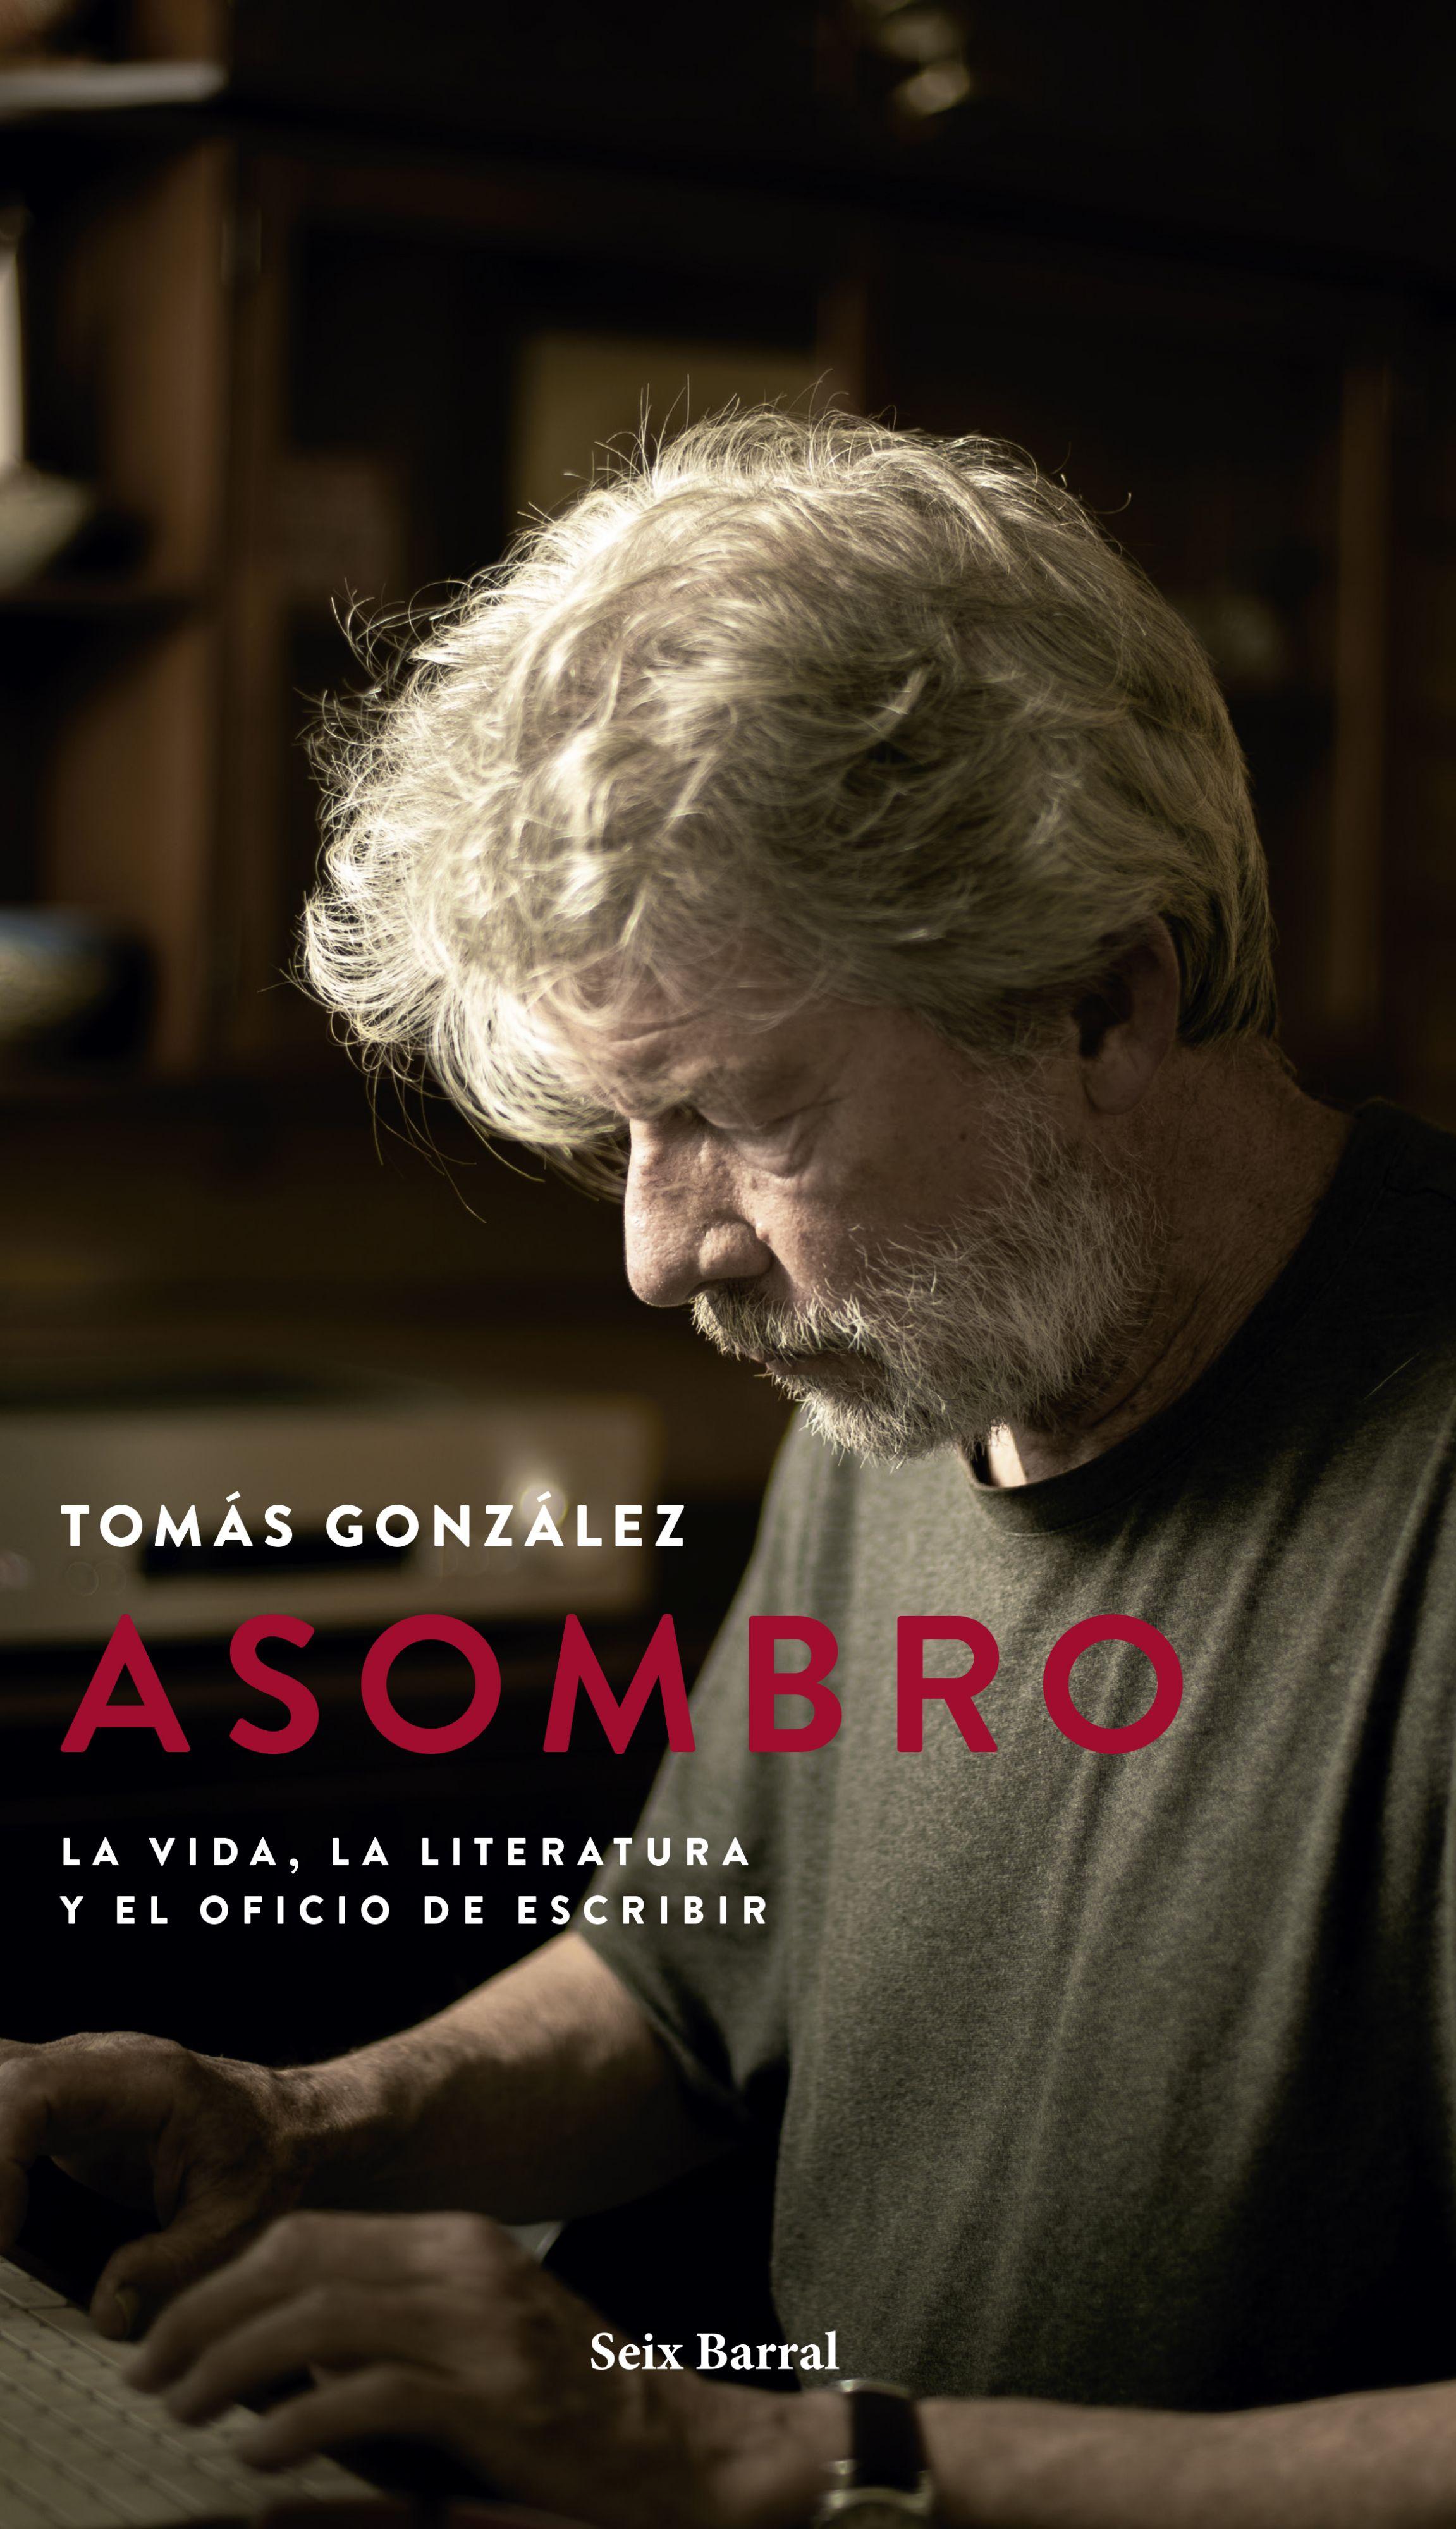 Los libros de octubre: asombro de Tomás Gonzalez